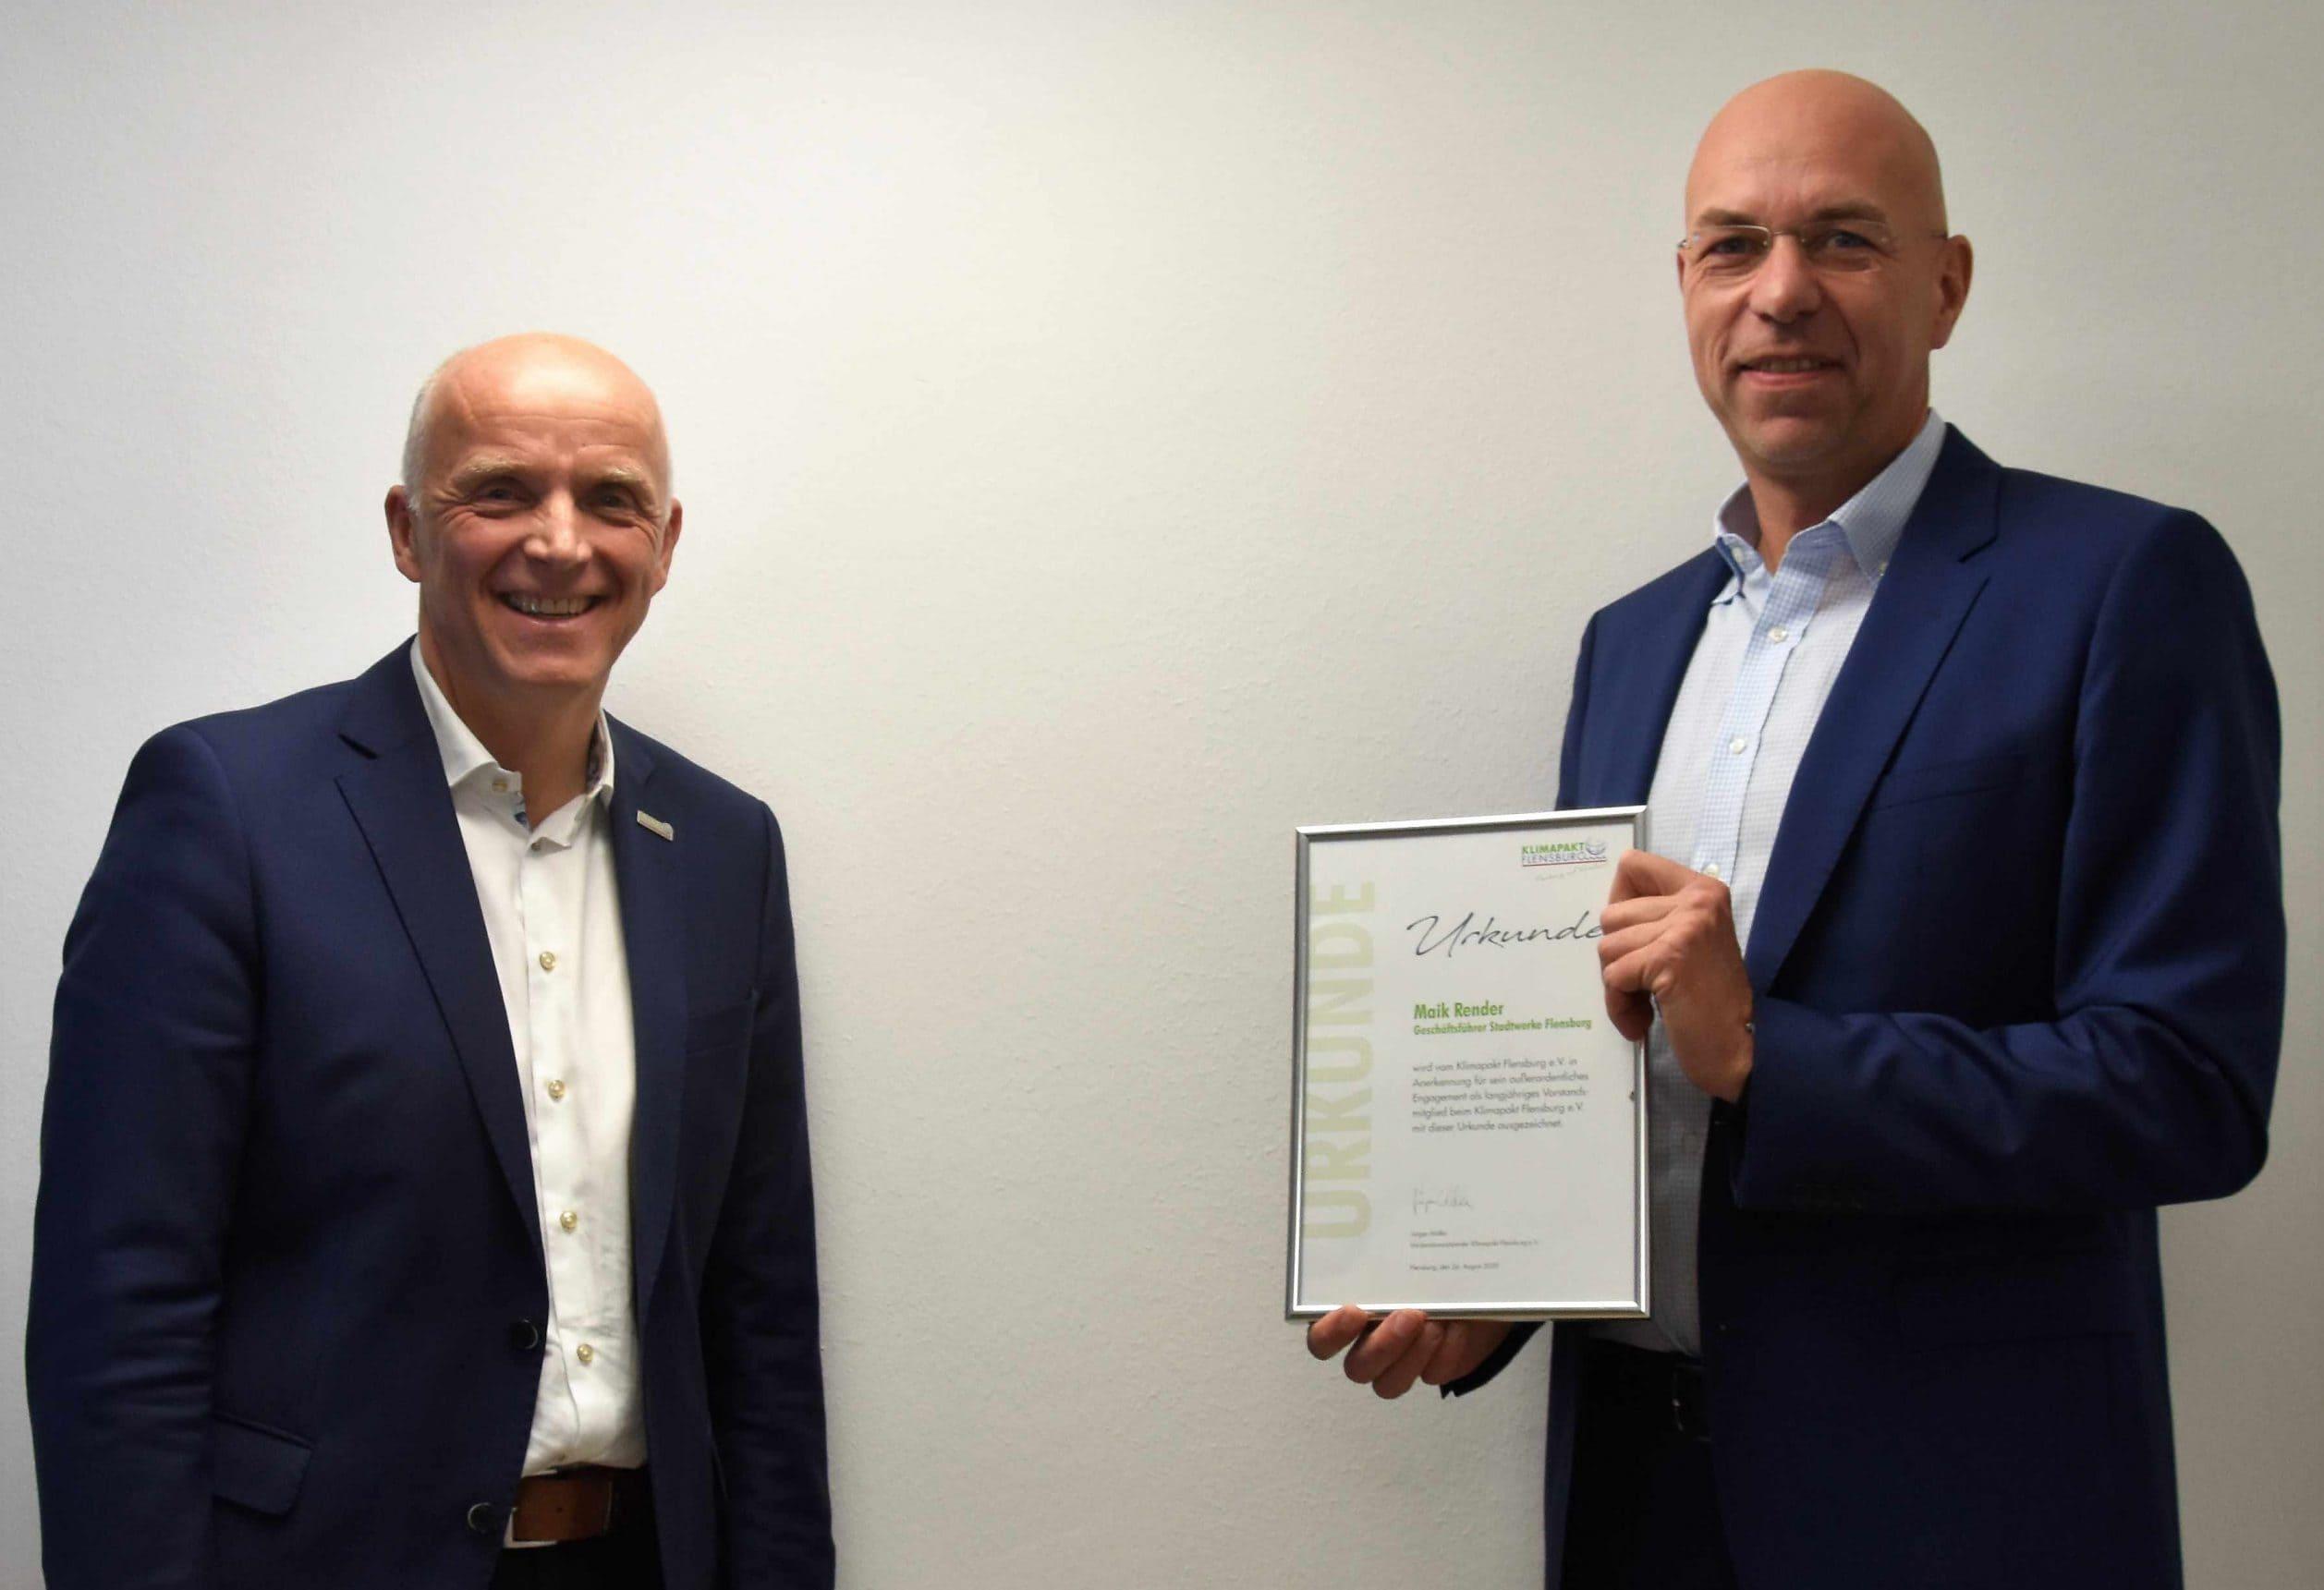 Jürgen Möller (Klimapakt-Vorsitzender, links) überreichte Maik Render (Geschäftsführer Stadtwerke Flensburg) eine Urkunde als Dank für die gute langjährige Vorstandsarbeit im Klimapakt Flensburg e.V.